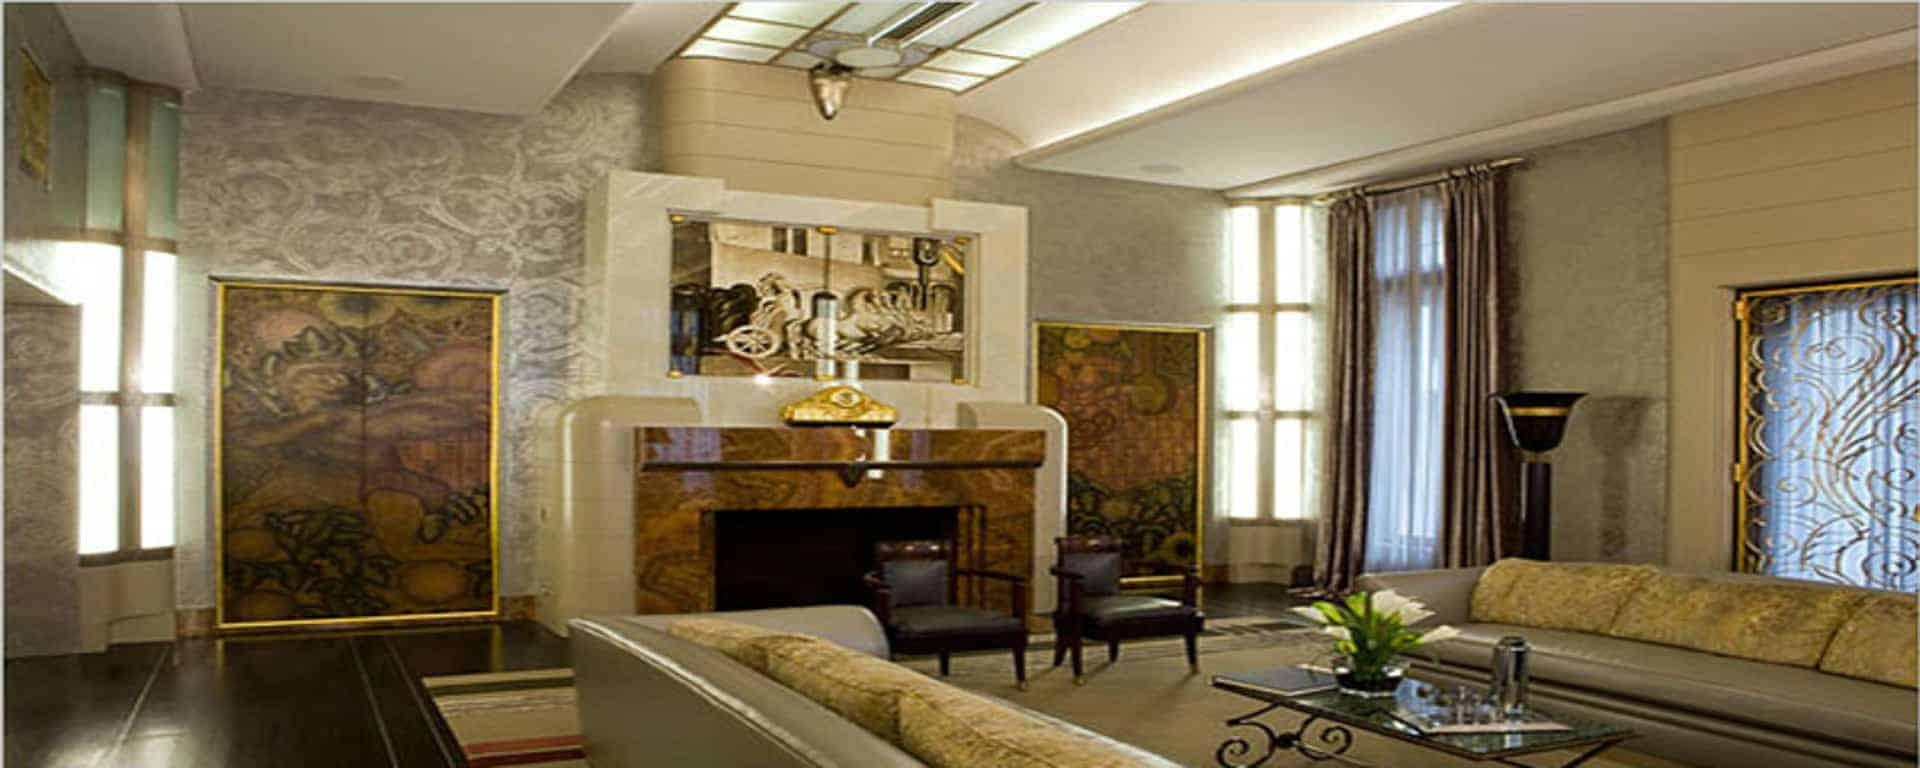 INDOOR Ξ Architecture Solution Art Deco Style Interior